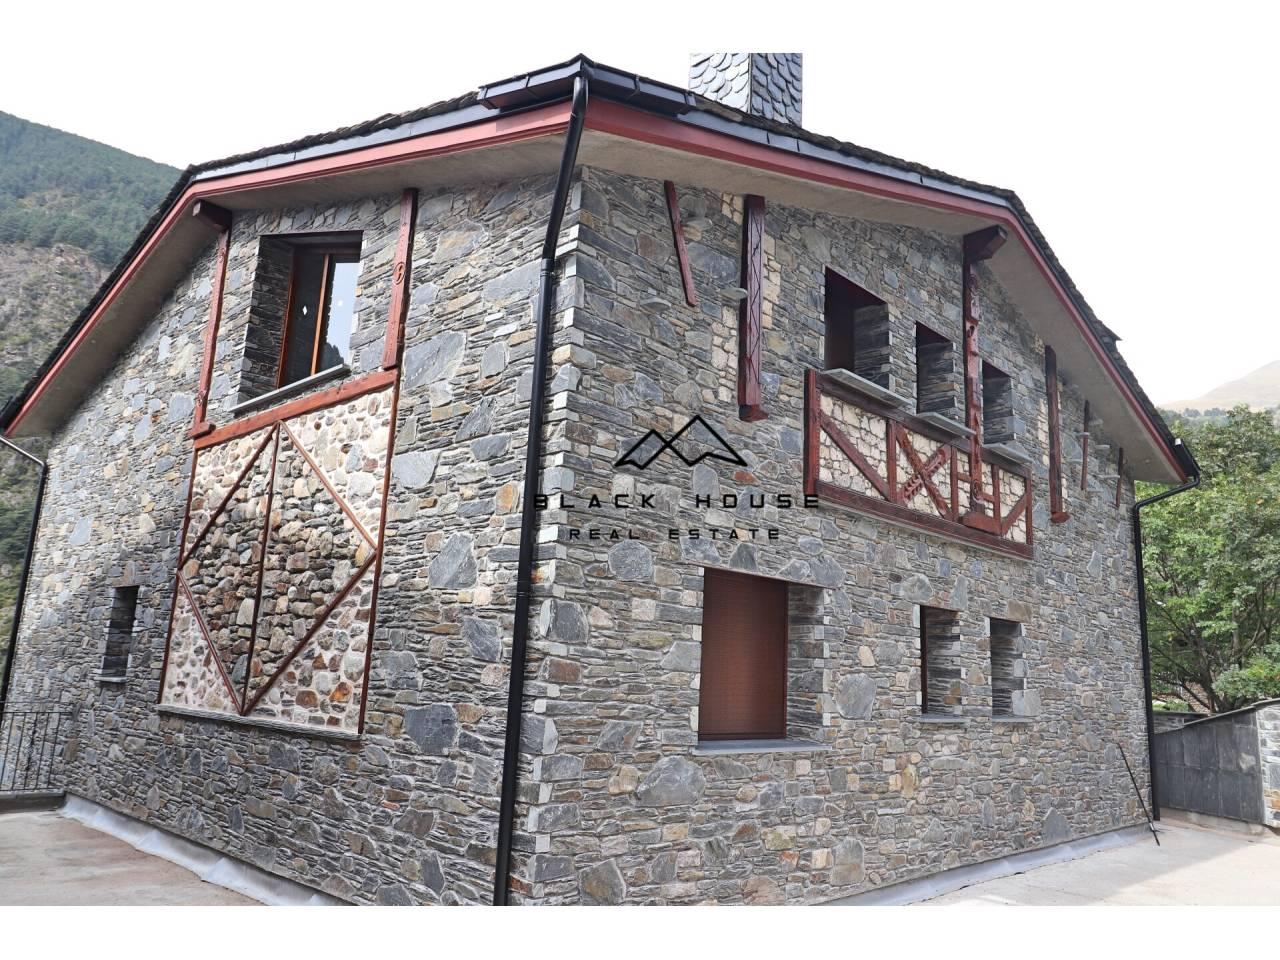 Maison de style rustique à vendre à Canillo.